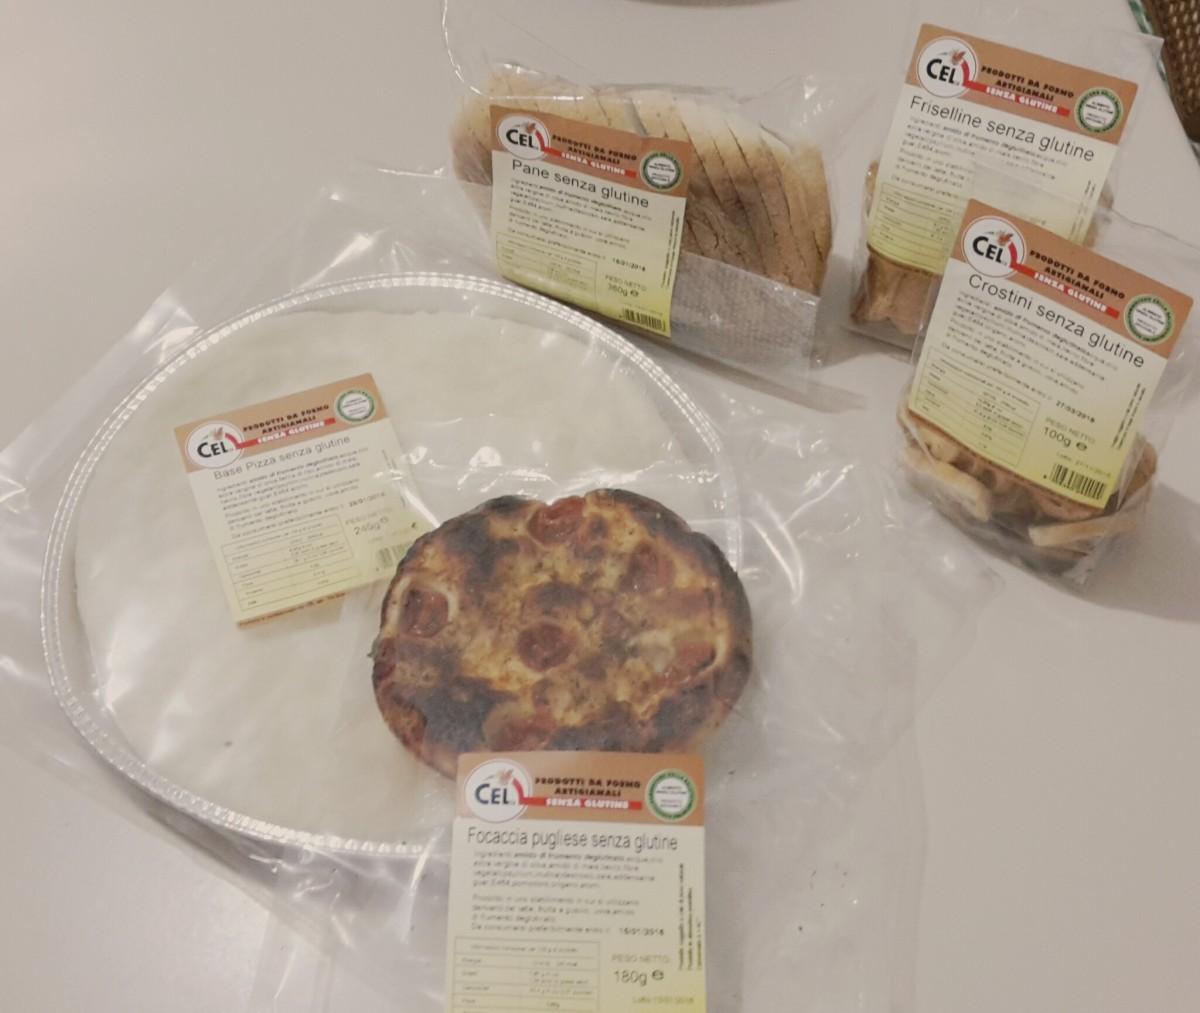 Pane senza glutine di Laterza: esiste davvero!